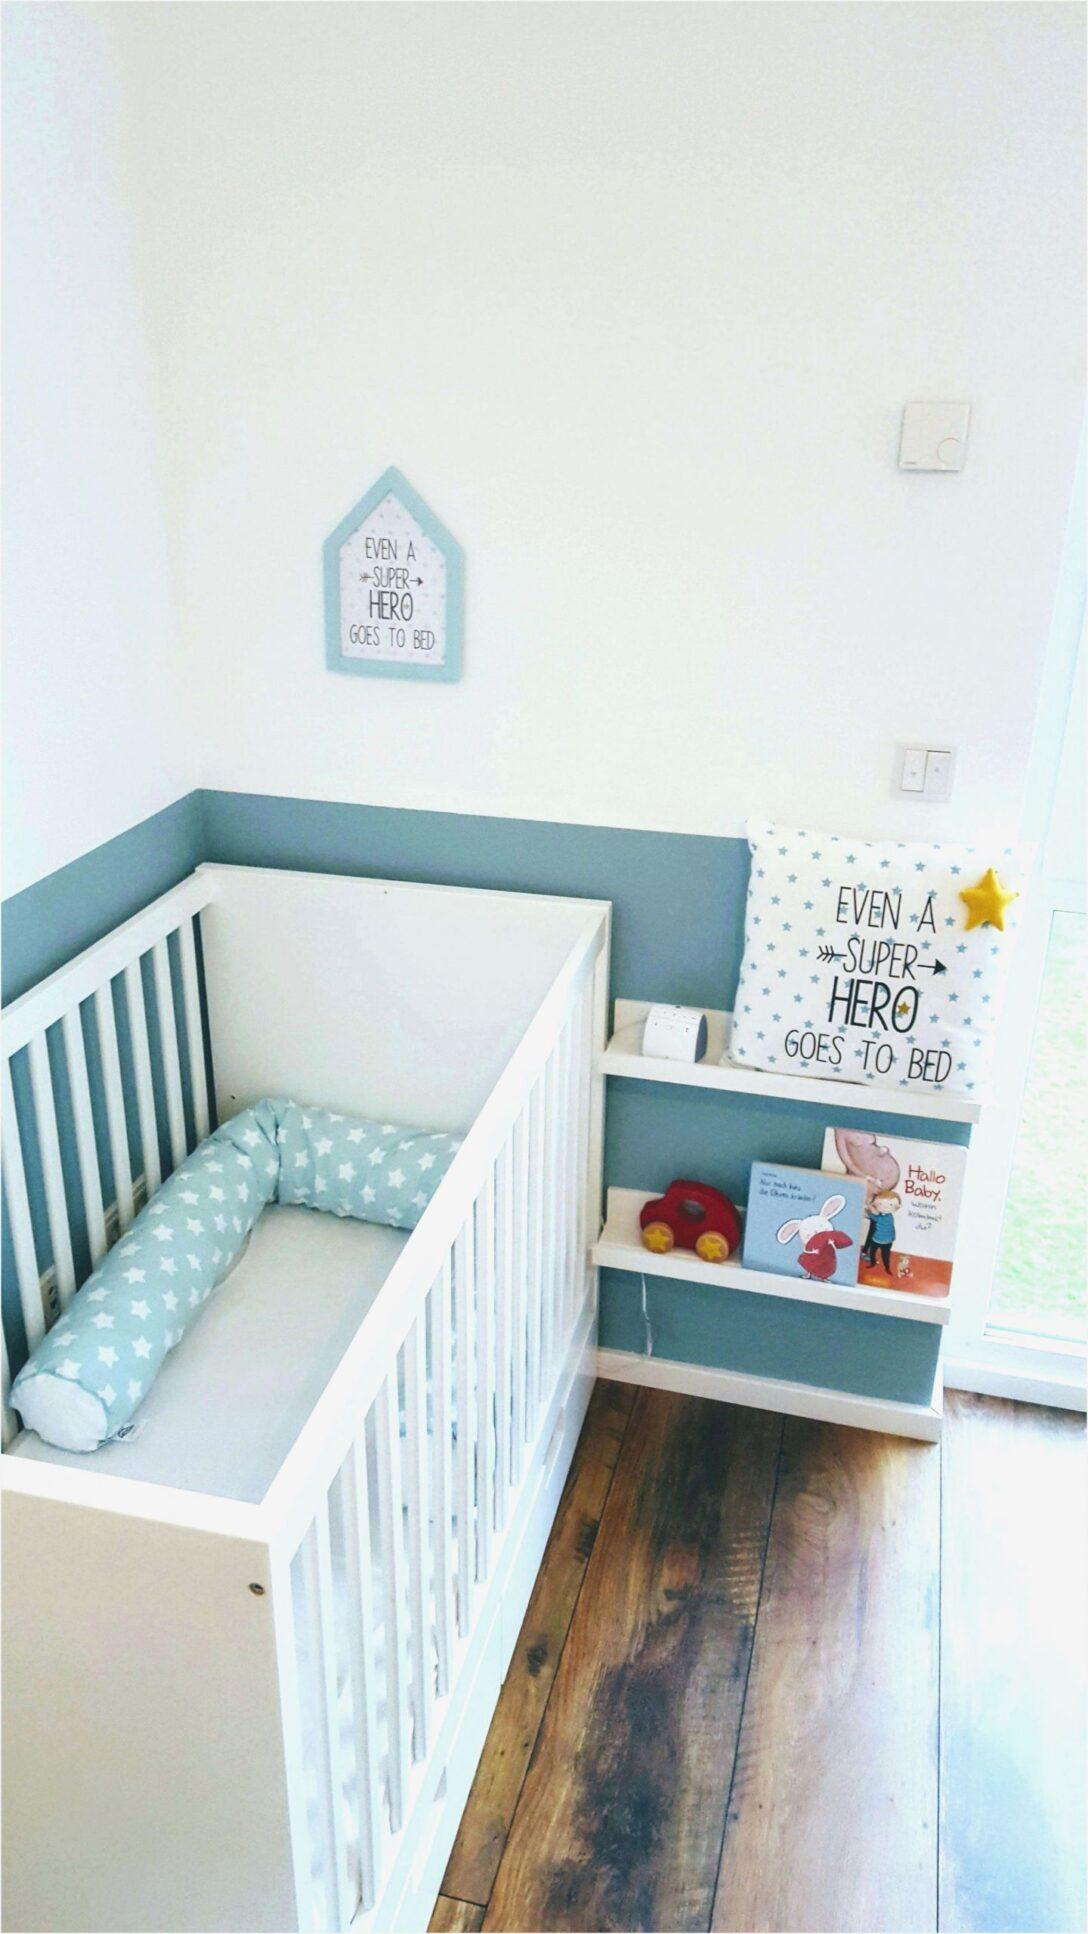 Large Size of Kinderzimmer Einrichten Junge Küche Badezimmer Regal Weiß Kleine Regale Sofa Kinderzimmer Kinderzimmer Einrichten Junge